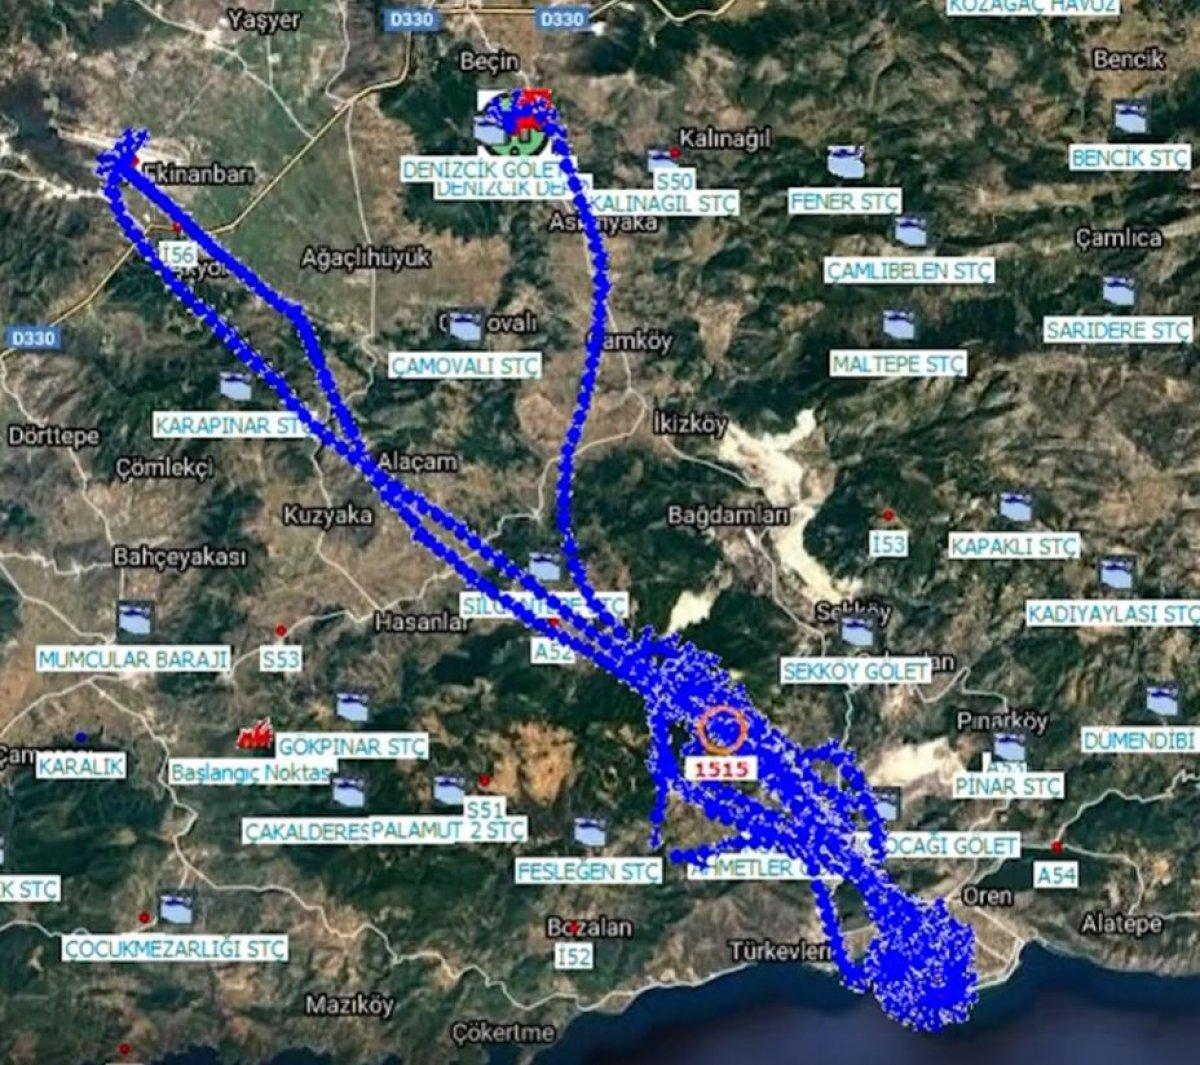 Yangın söndürme helikopterlerinin alevlere müdahalesini gösteren harita #1